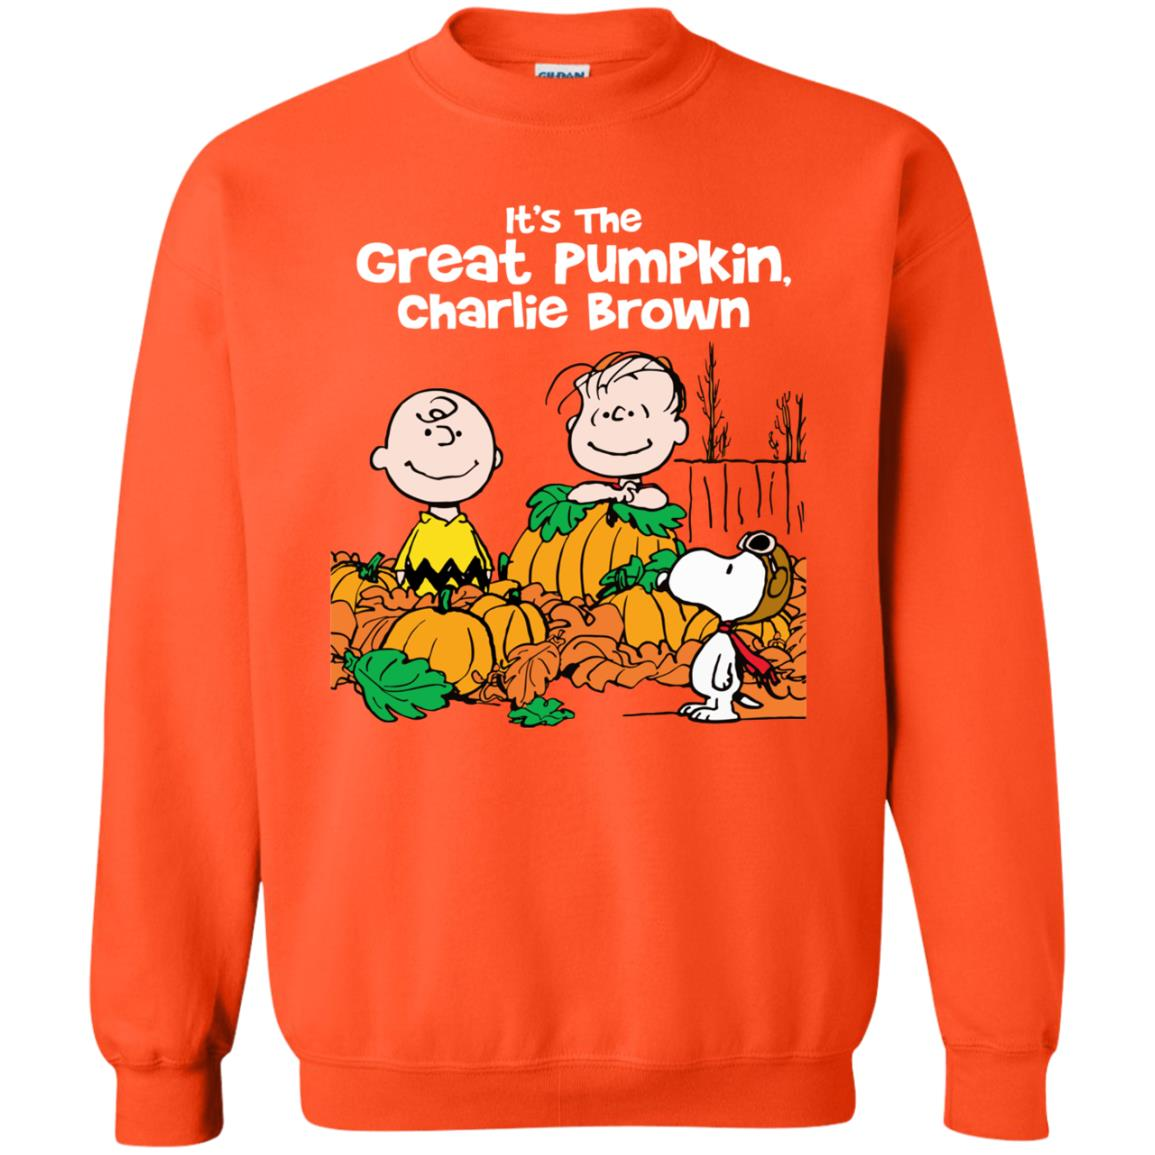 image 260 - It's the Great Pumpkin Charlie Brown shirt, hoodie, tank